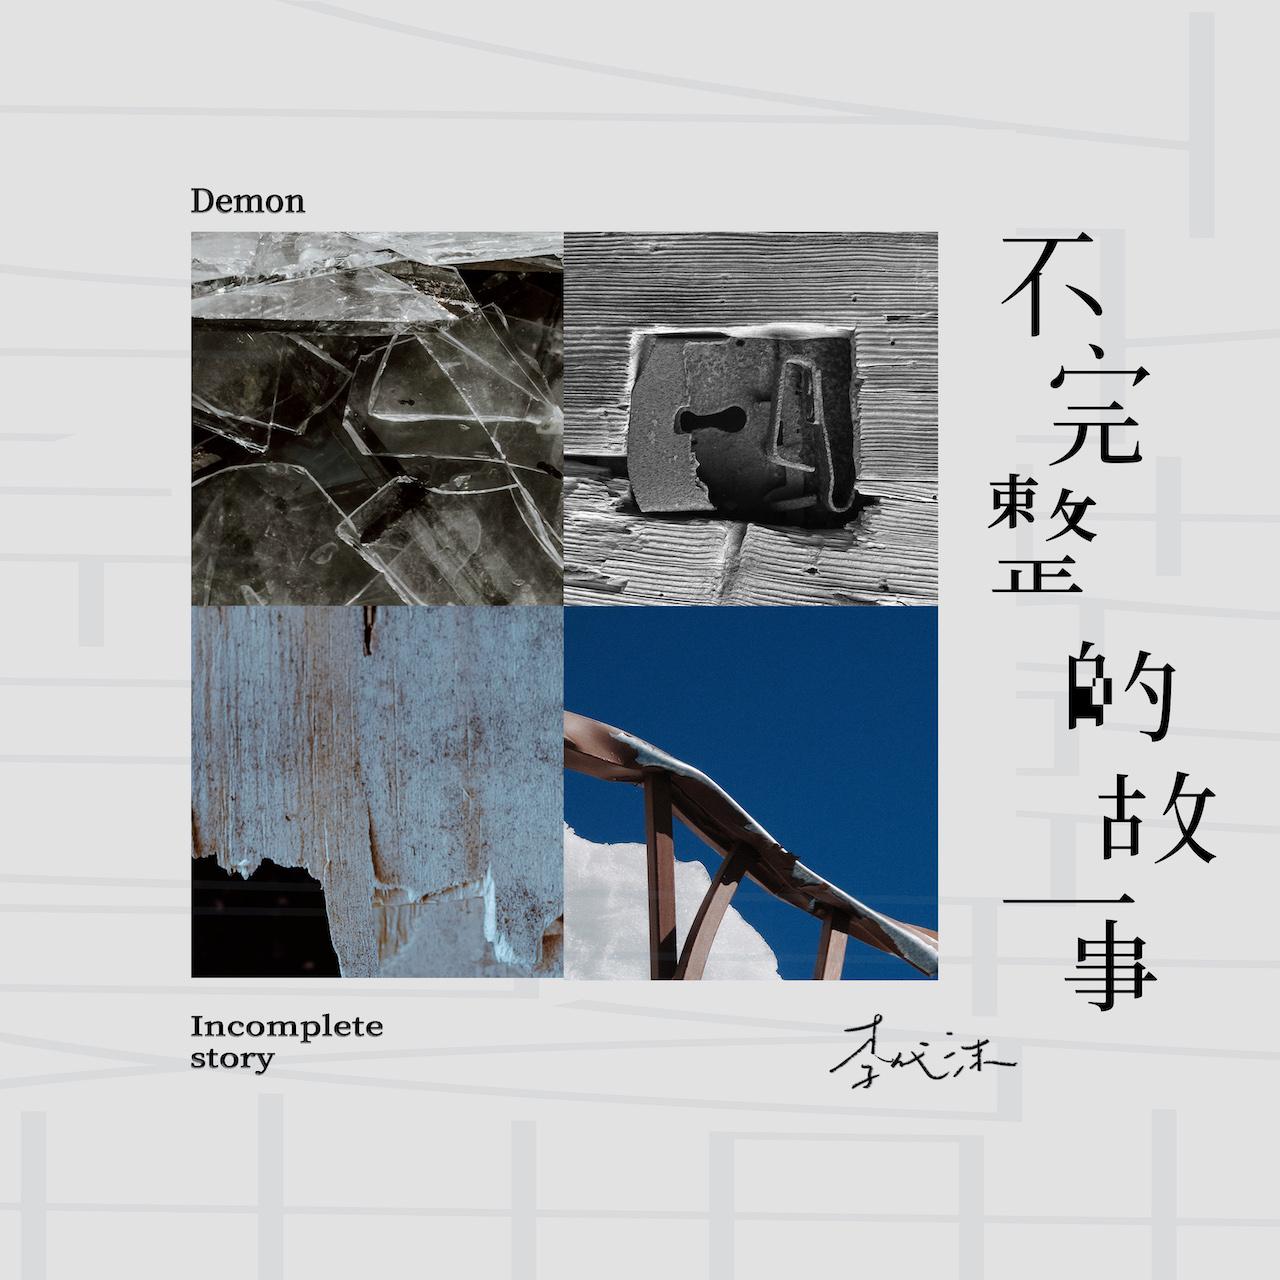 李代沫携新专辑《不完整的故事》温暖回归 讲述记忆中的遗憾故事